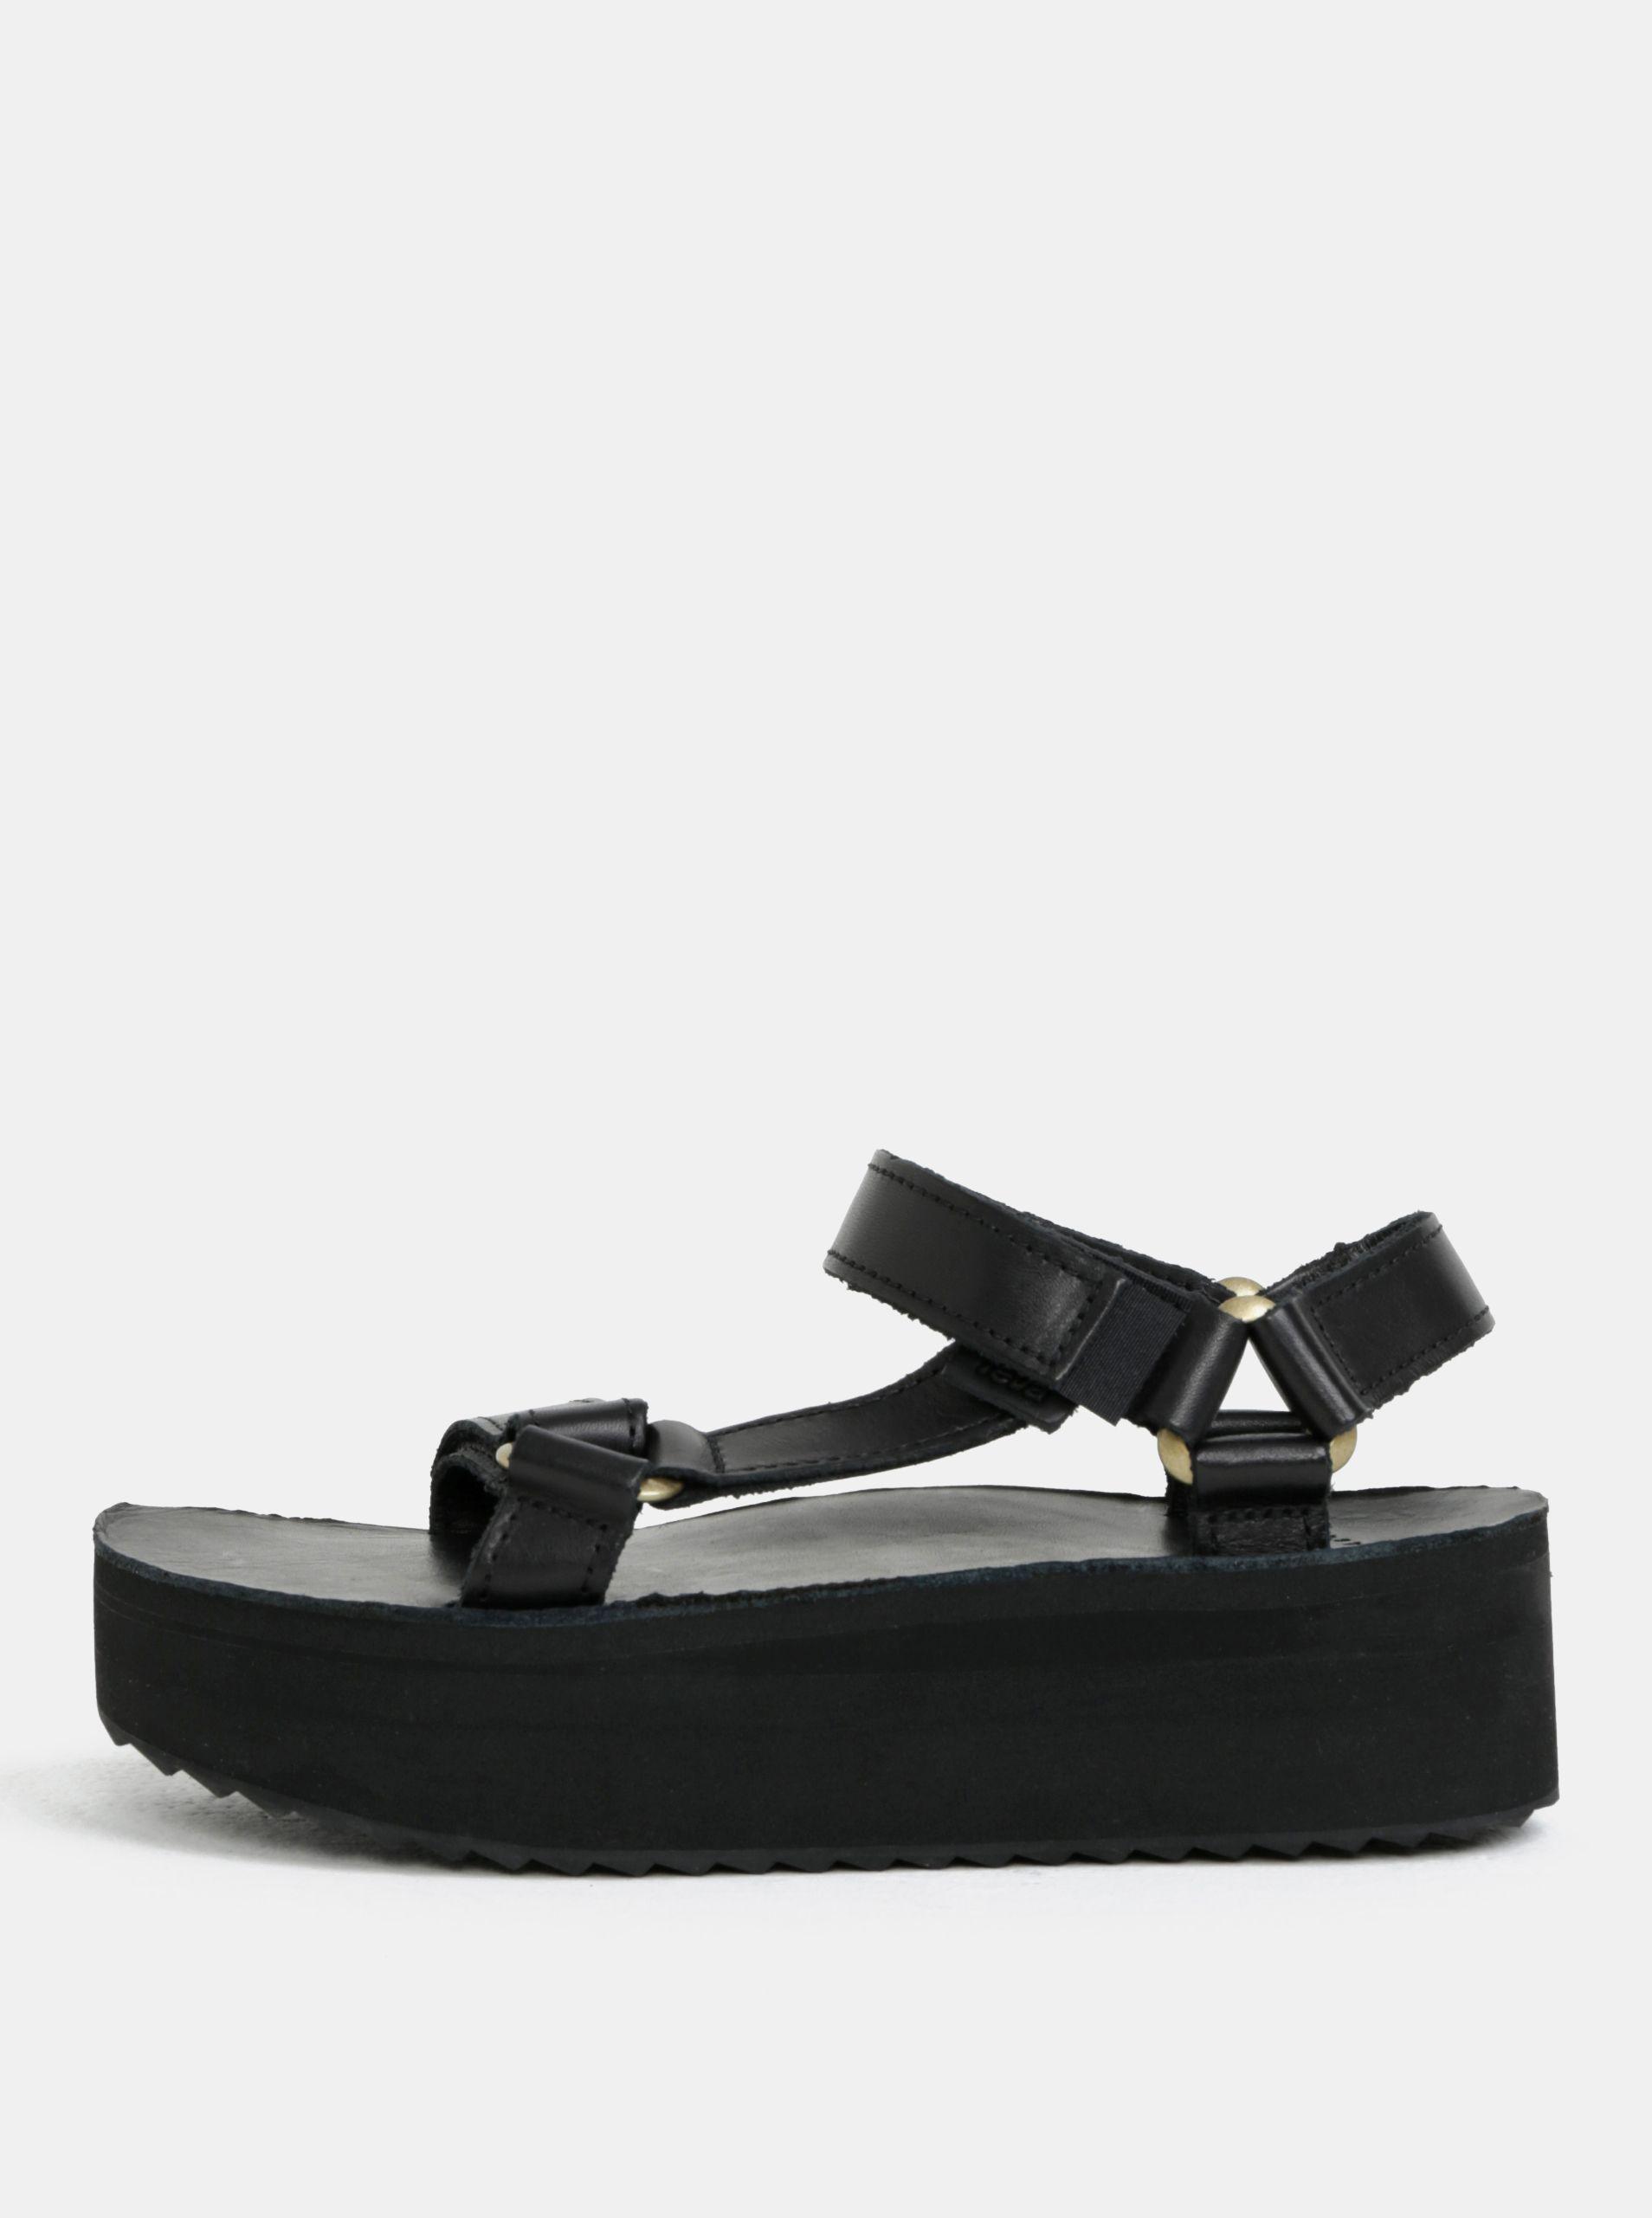 ed1f203f87326 Typ: dámske kožené sandále na platforme na bežné nosenie Farba: čierna  Zapínanie: suchý zips Materiál: remienky – pravá koža stielka – pravá koža  podrážka ...